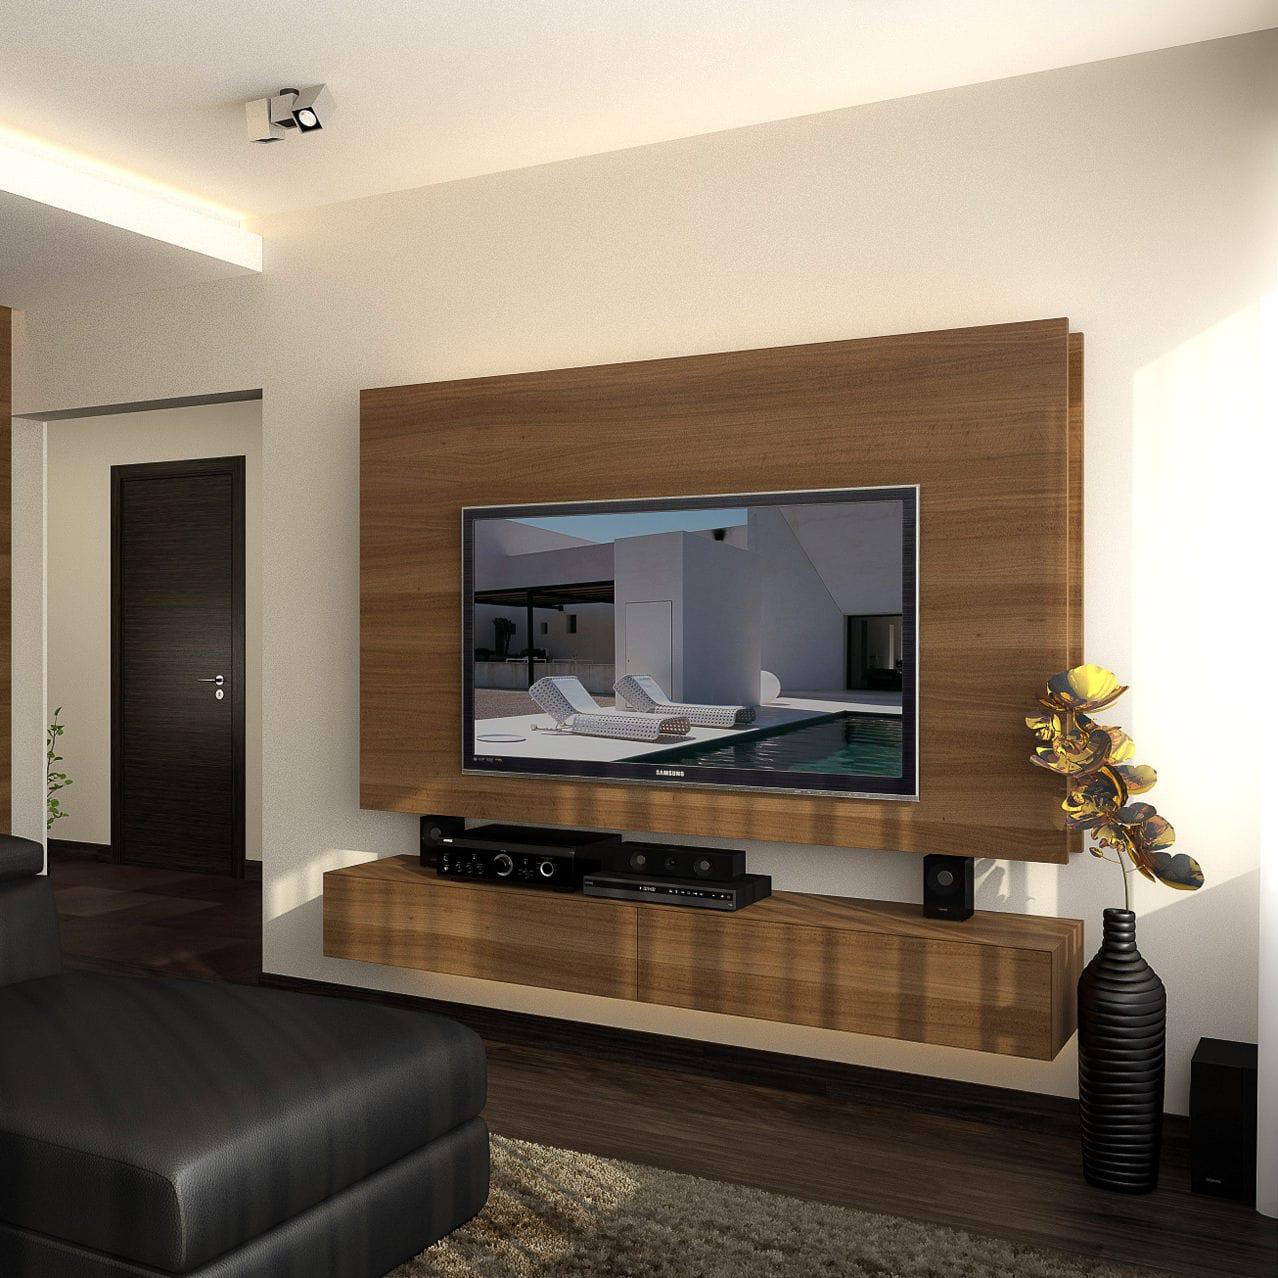 Parete Attrezzata Design Moderno.Parete Attrezzata Tv Moderno In Legno In4 Design Ideas Ltd